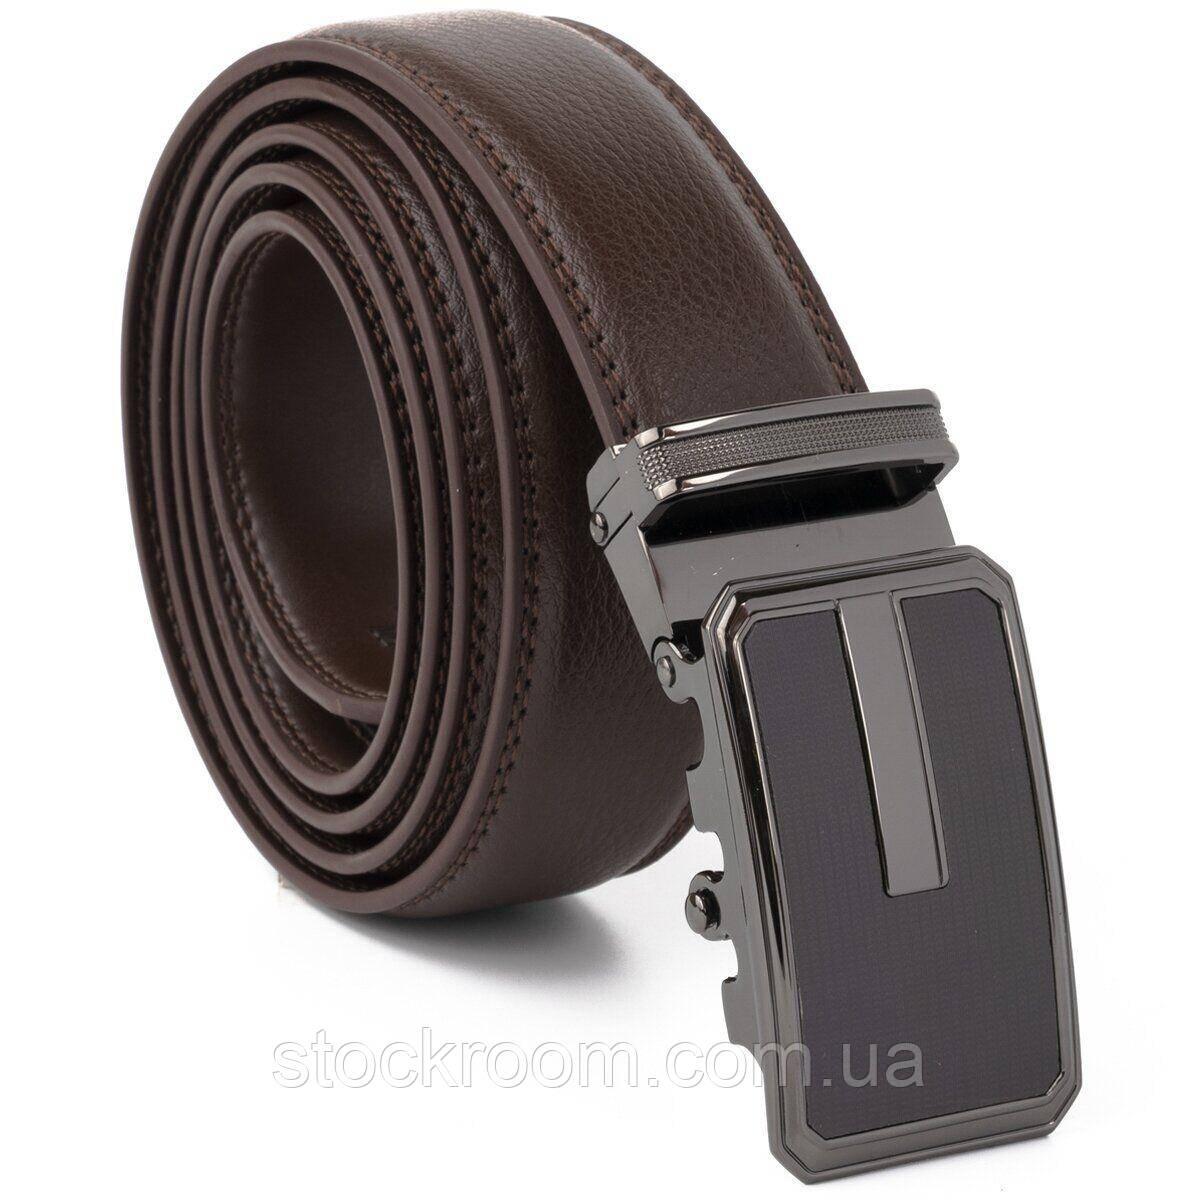 Ремень мужской тонкий c пряжкой автомат и коричневой заливкой Vintage 20308 Коричневый